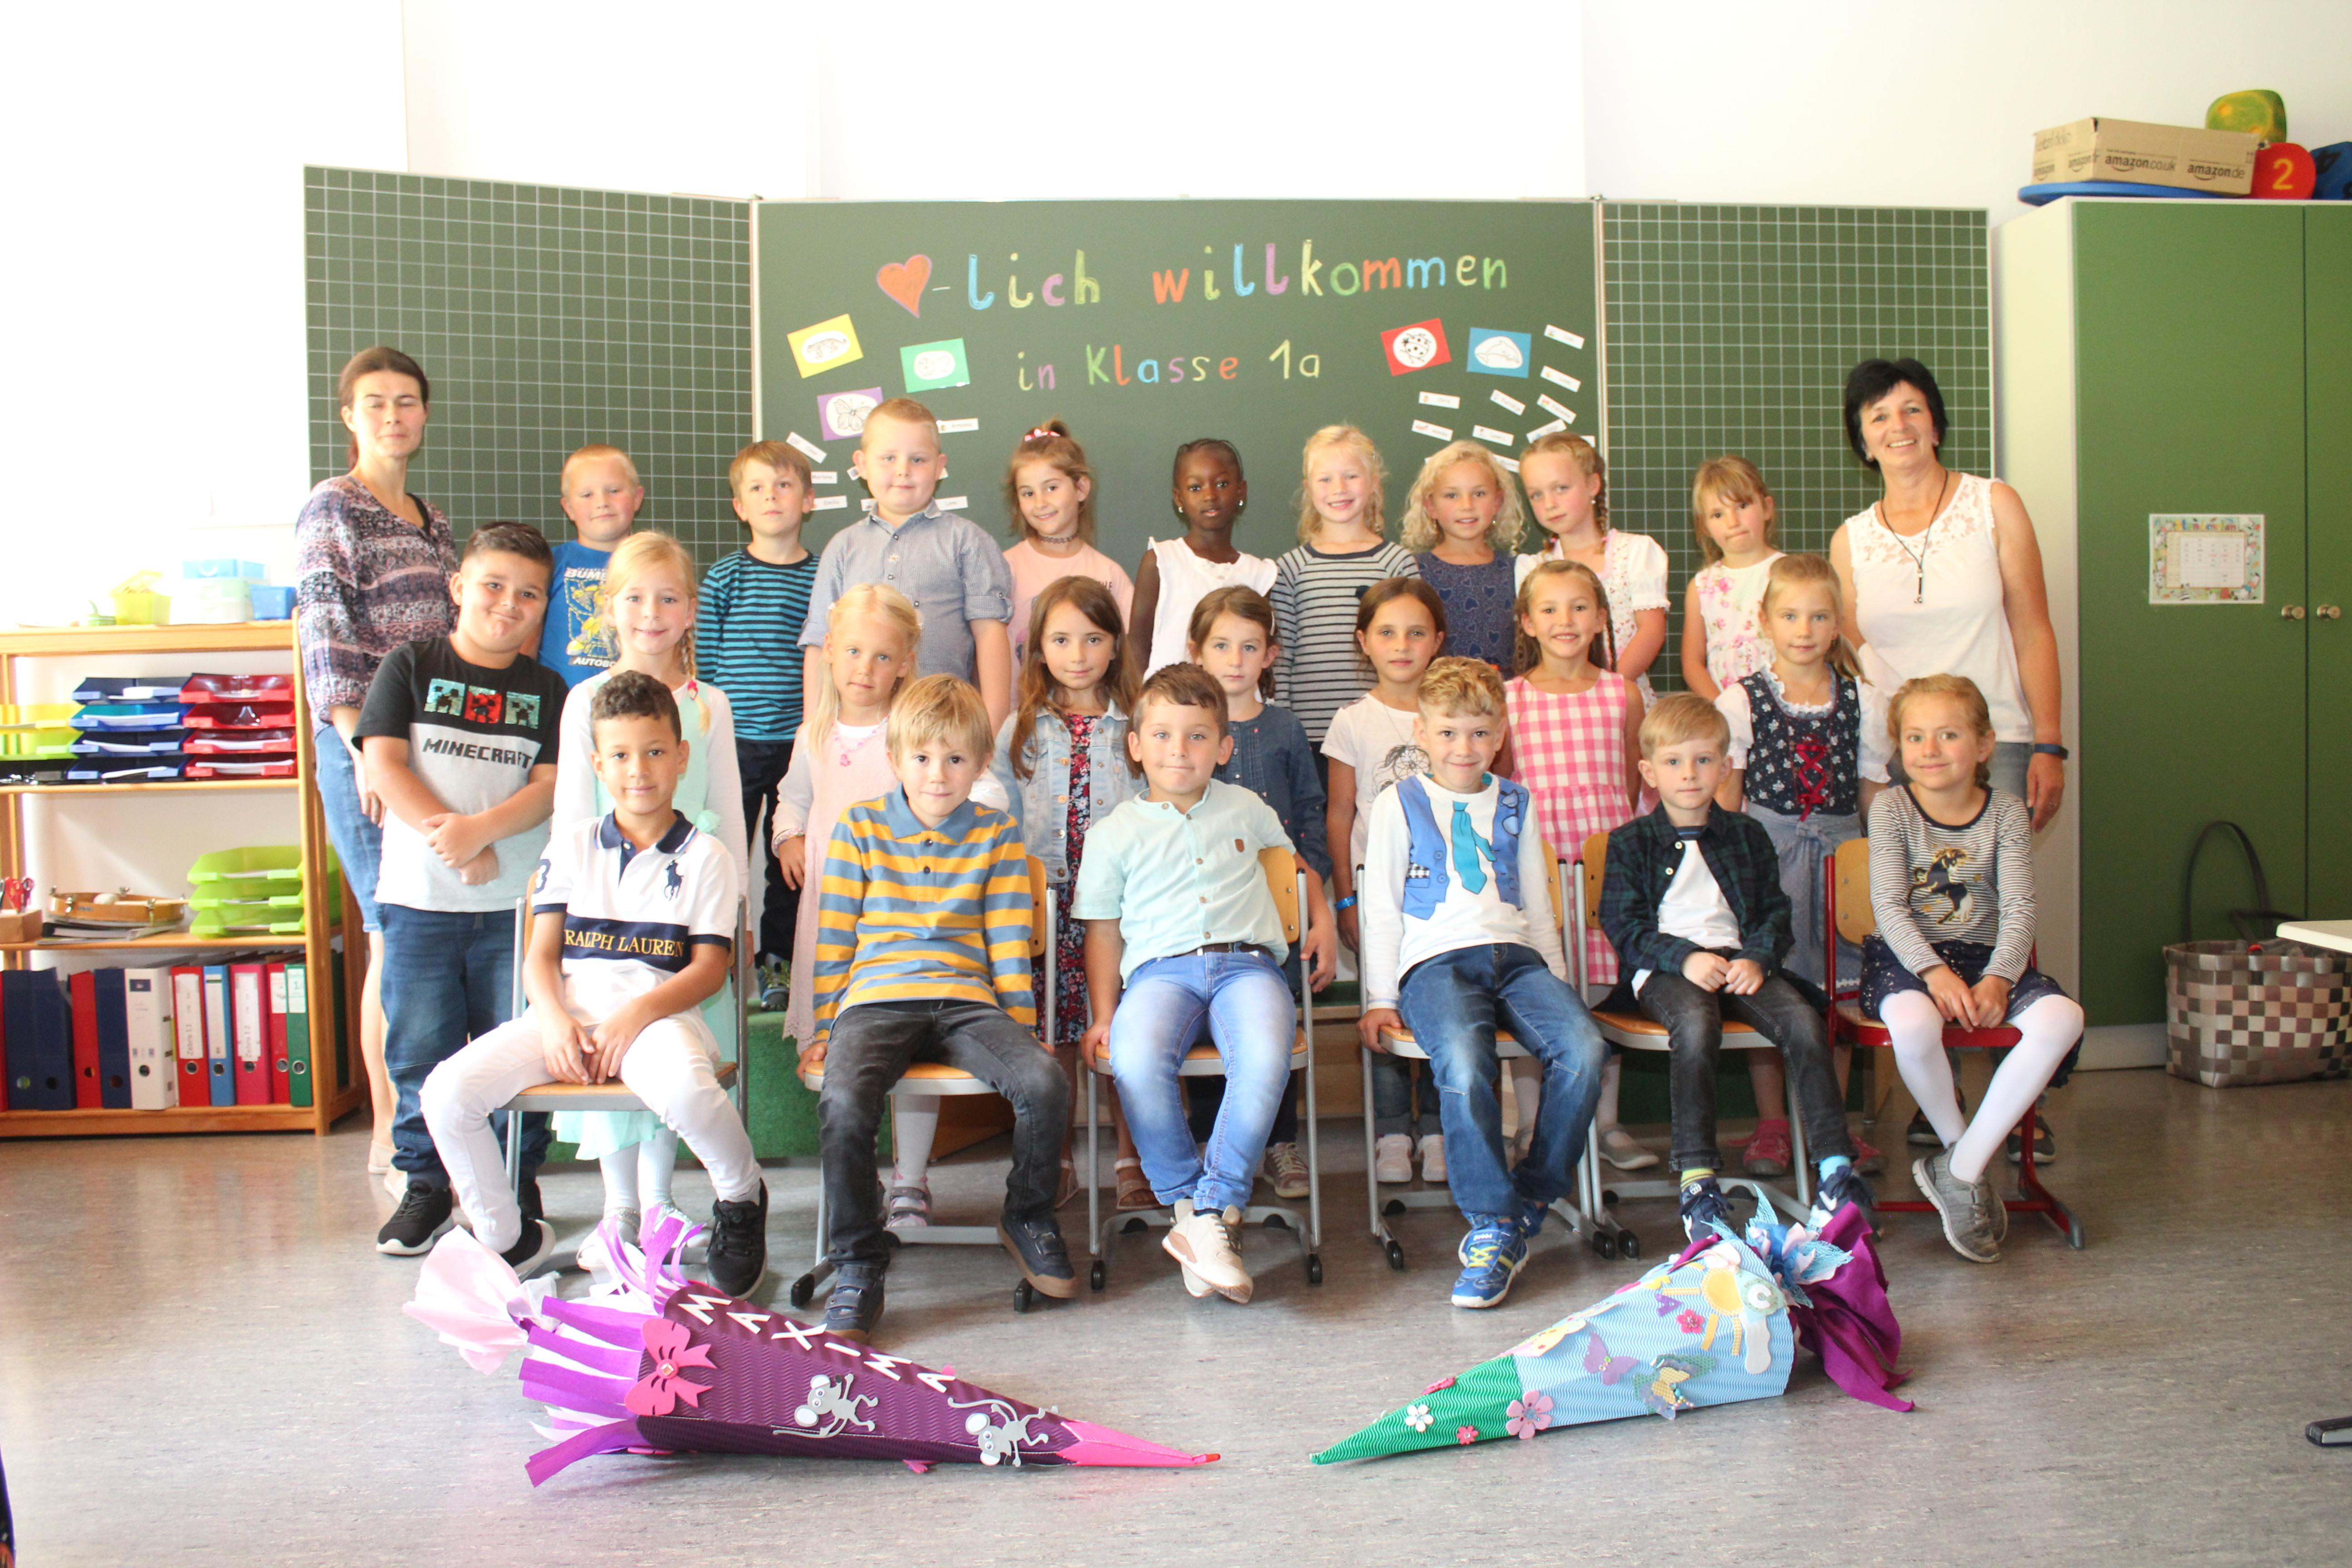 Klasse_Wiedemann